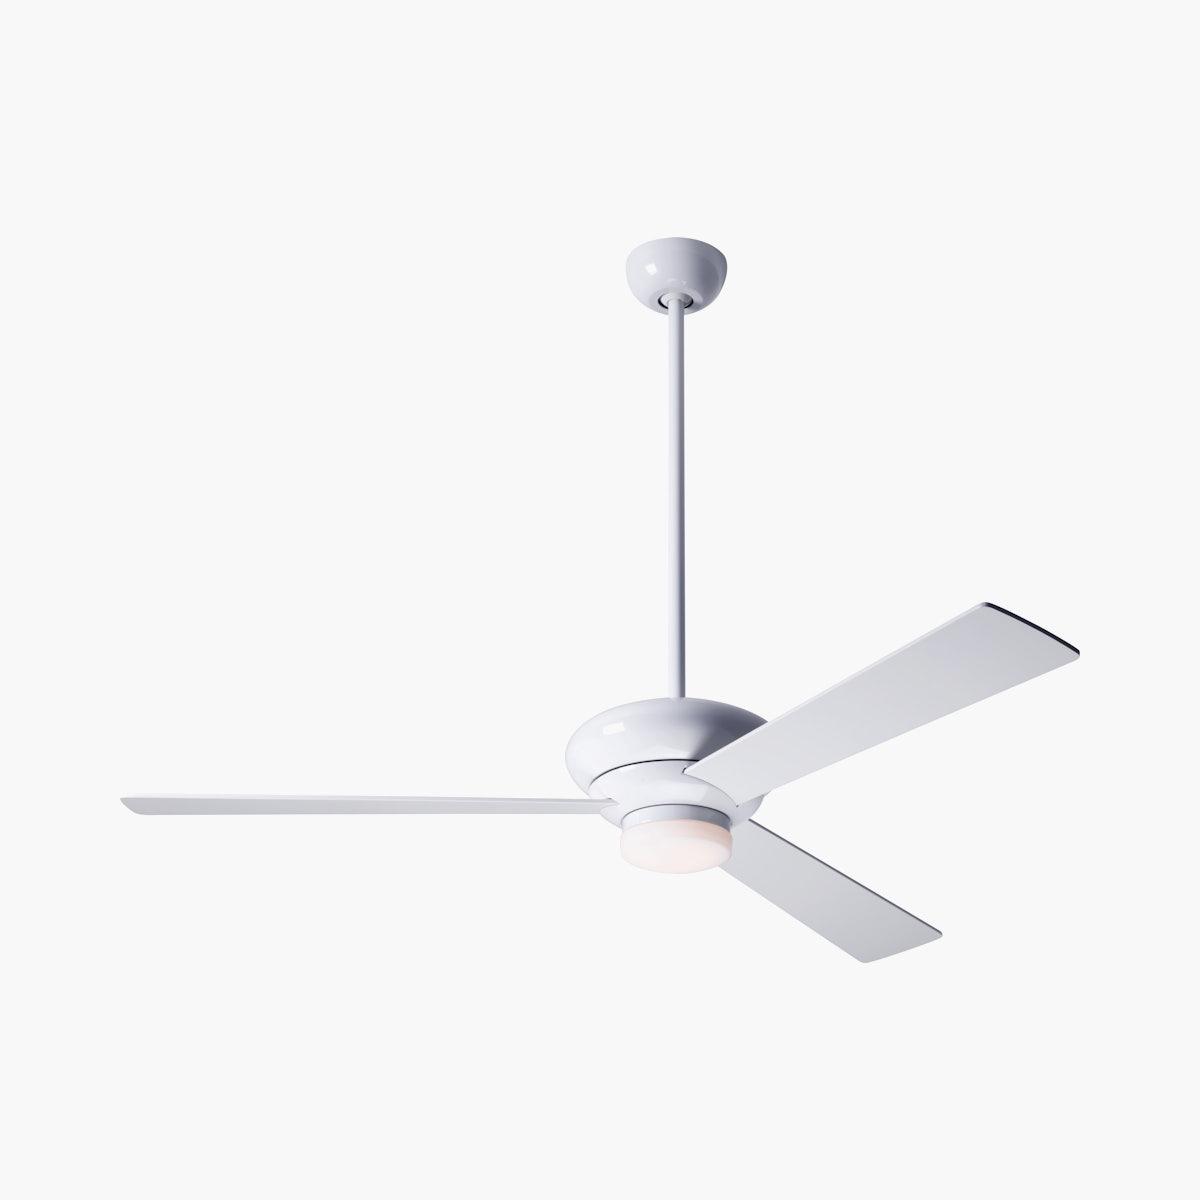 Altus Ceiling Fan